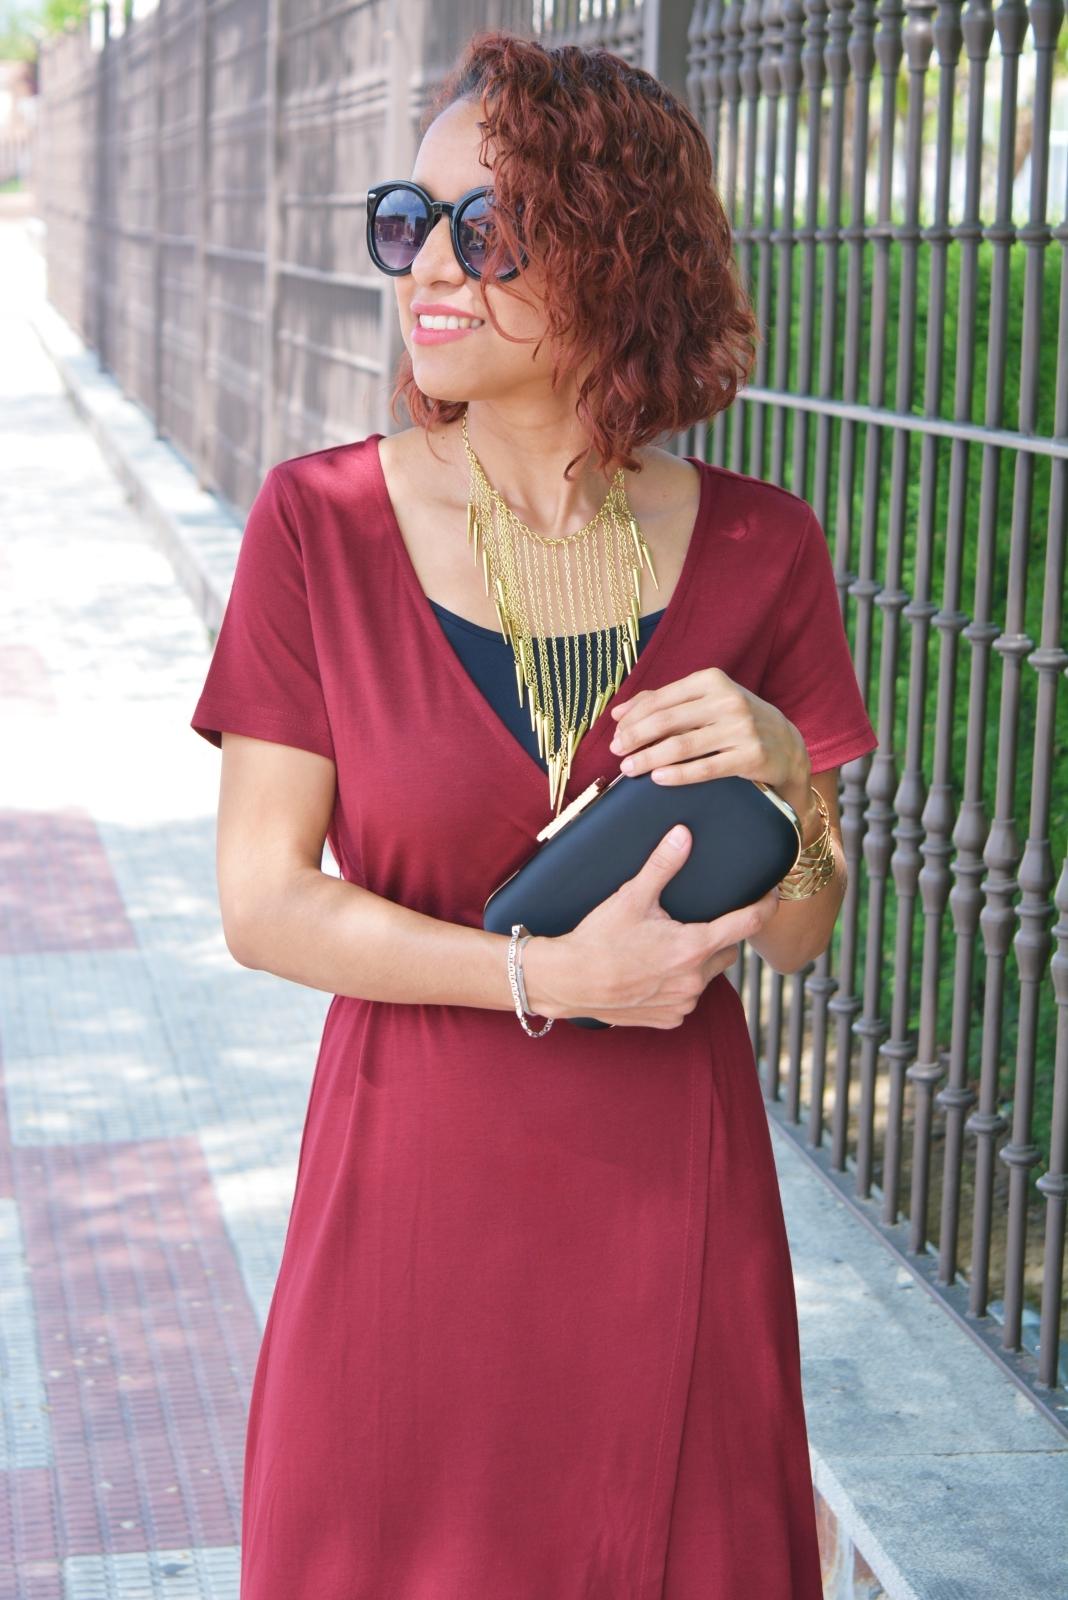 Cómo combinar un vestido rojo largo